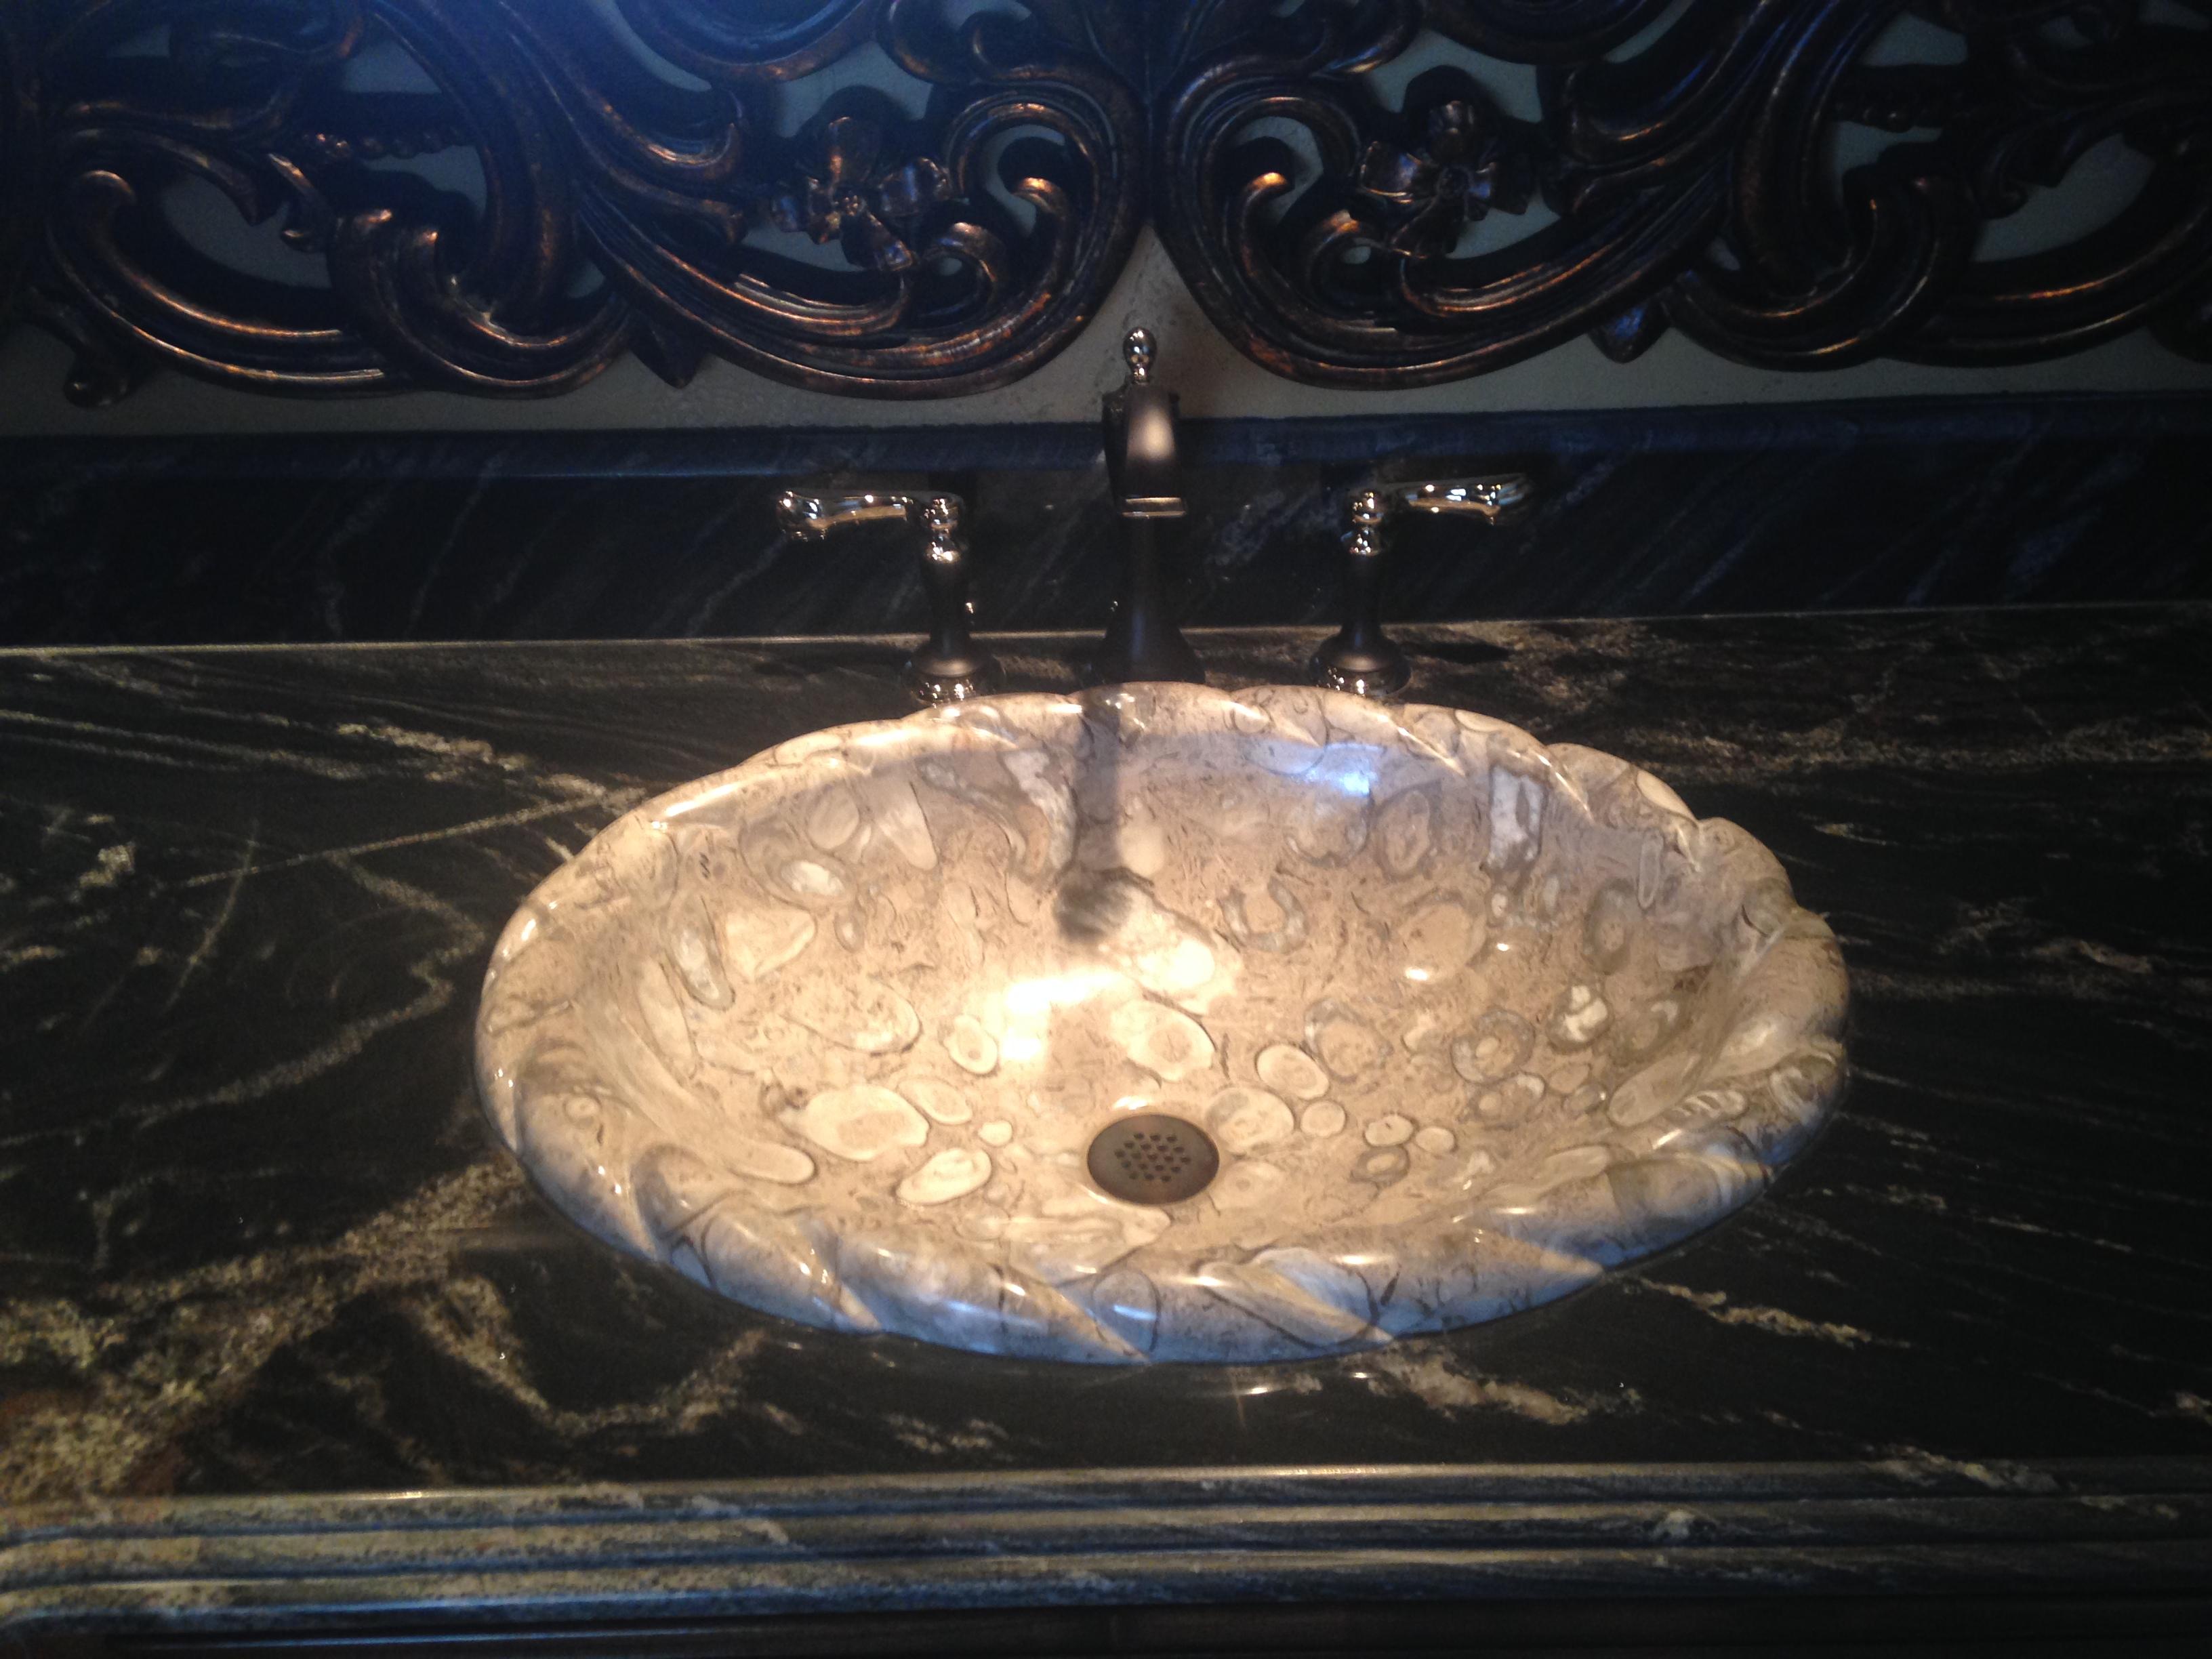 Gray Marble Undermount Sink